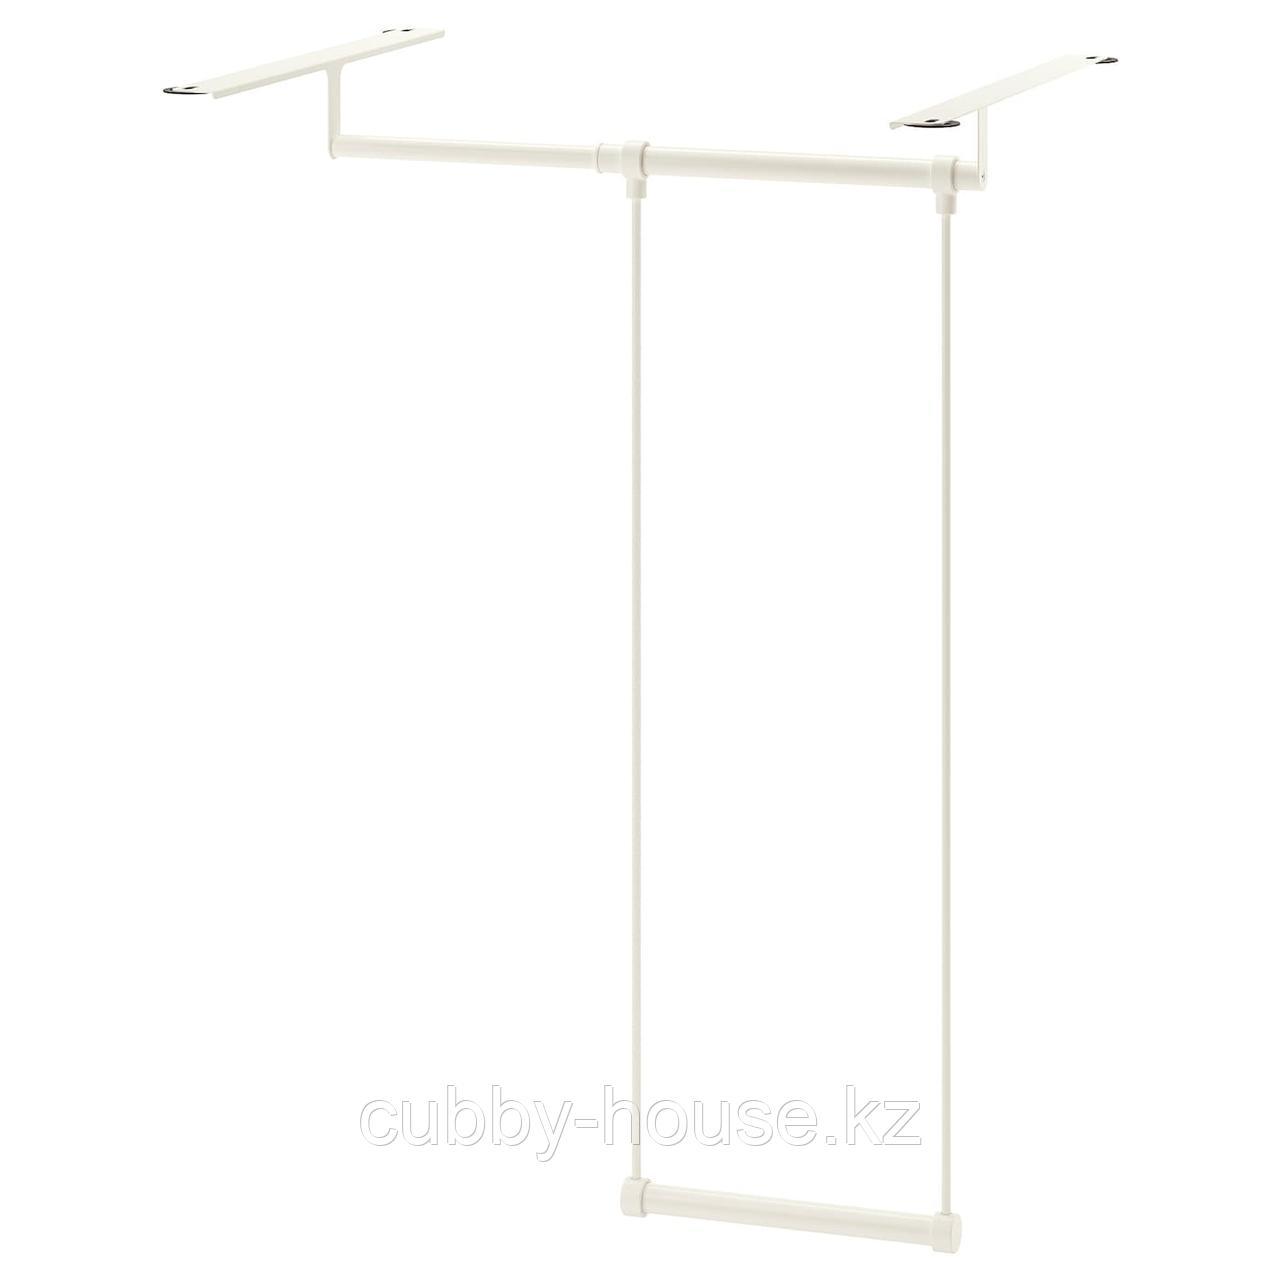 ЛЭТТХЕТ Платяная штанга для каркаса, белый, 35-60x55 см